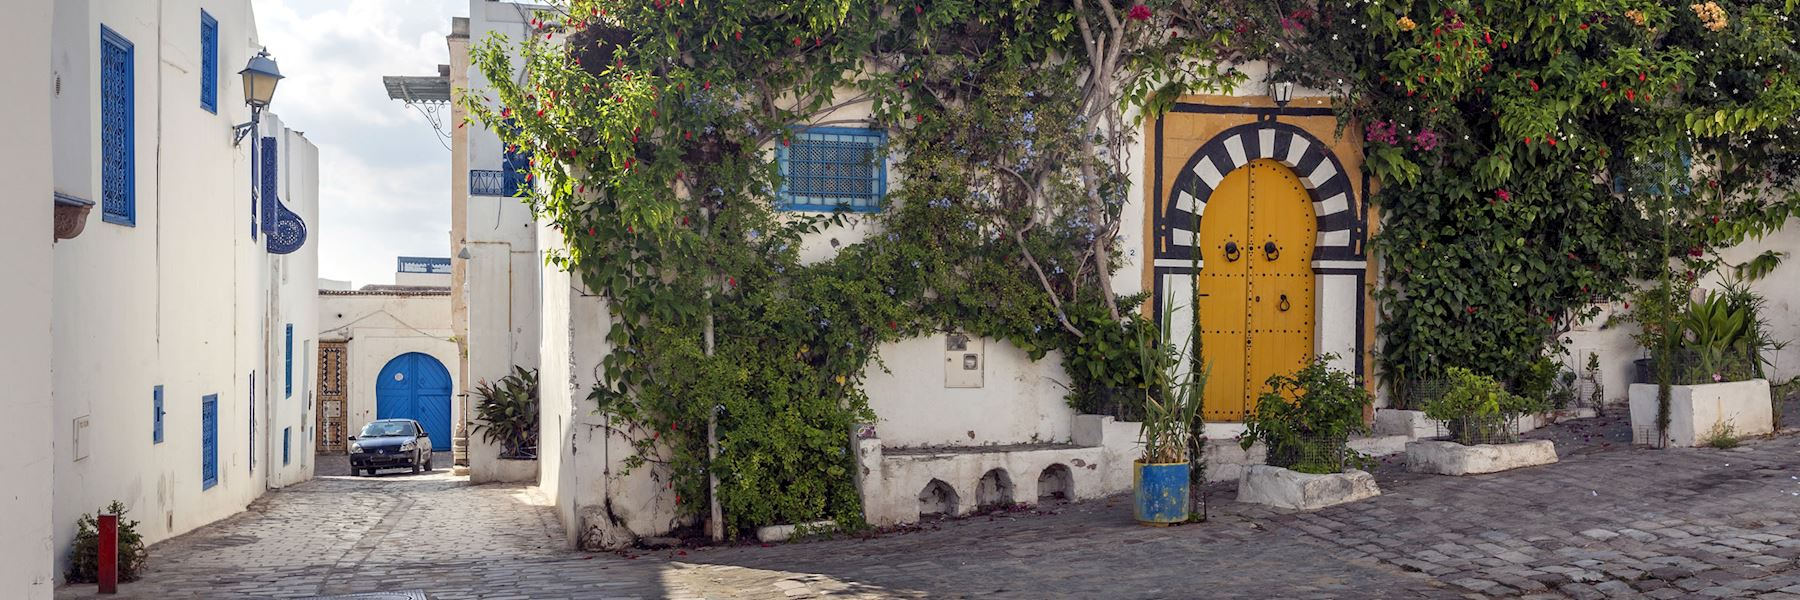 Visit Sidi Bou Said, Tunisia